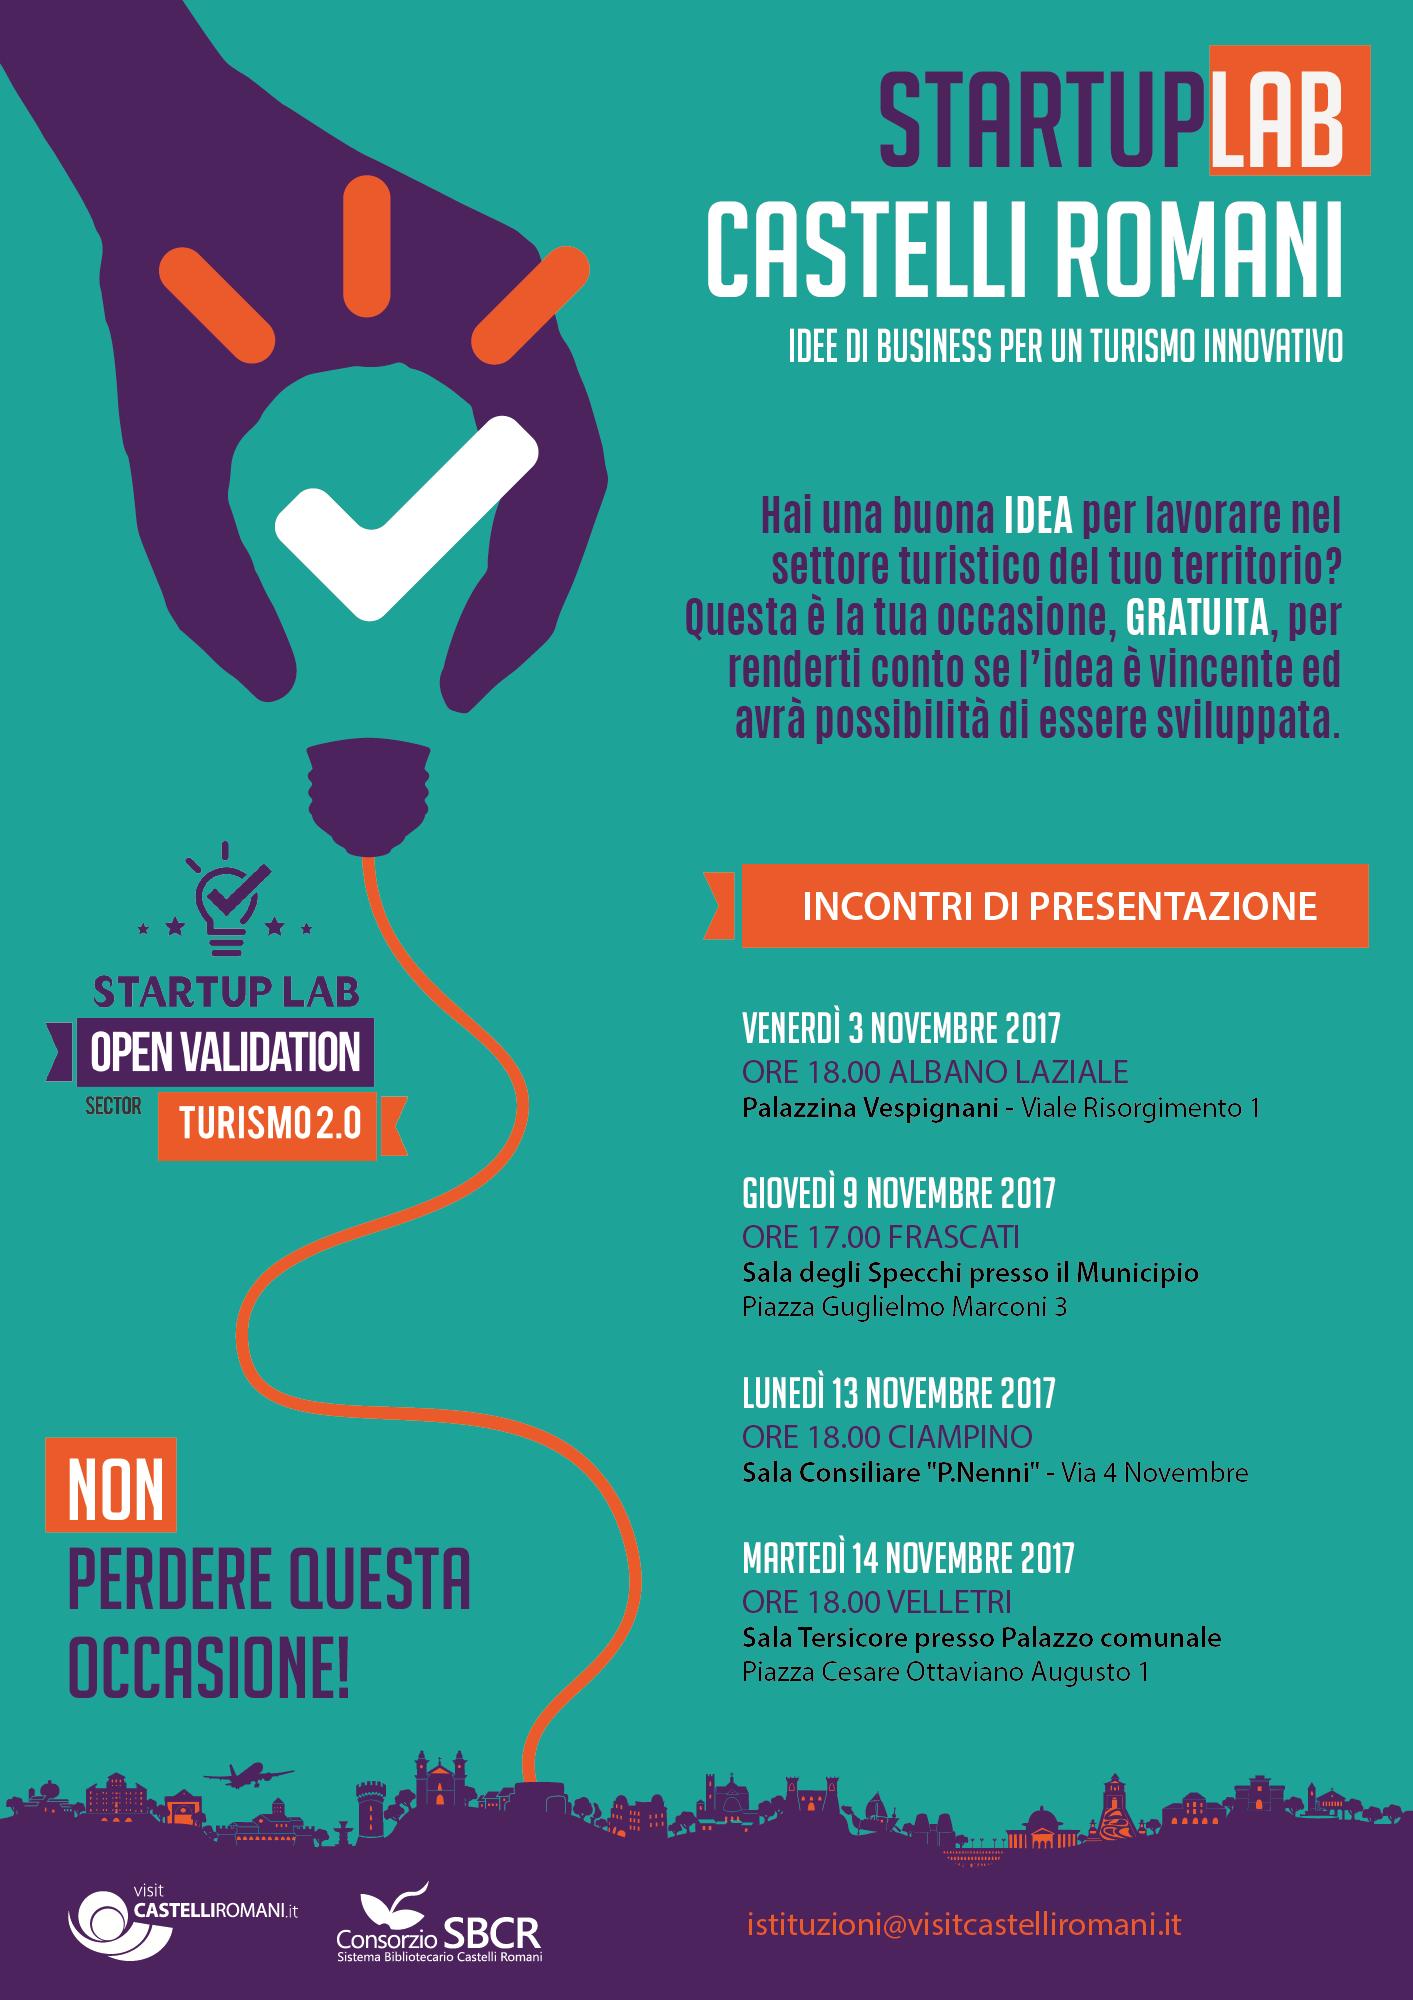 StartUp Lab Ciampino Velletri 13 e 14 novembre